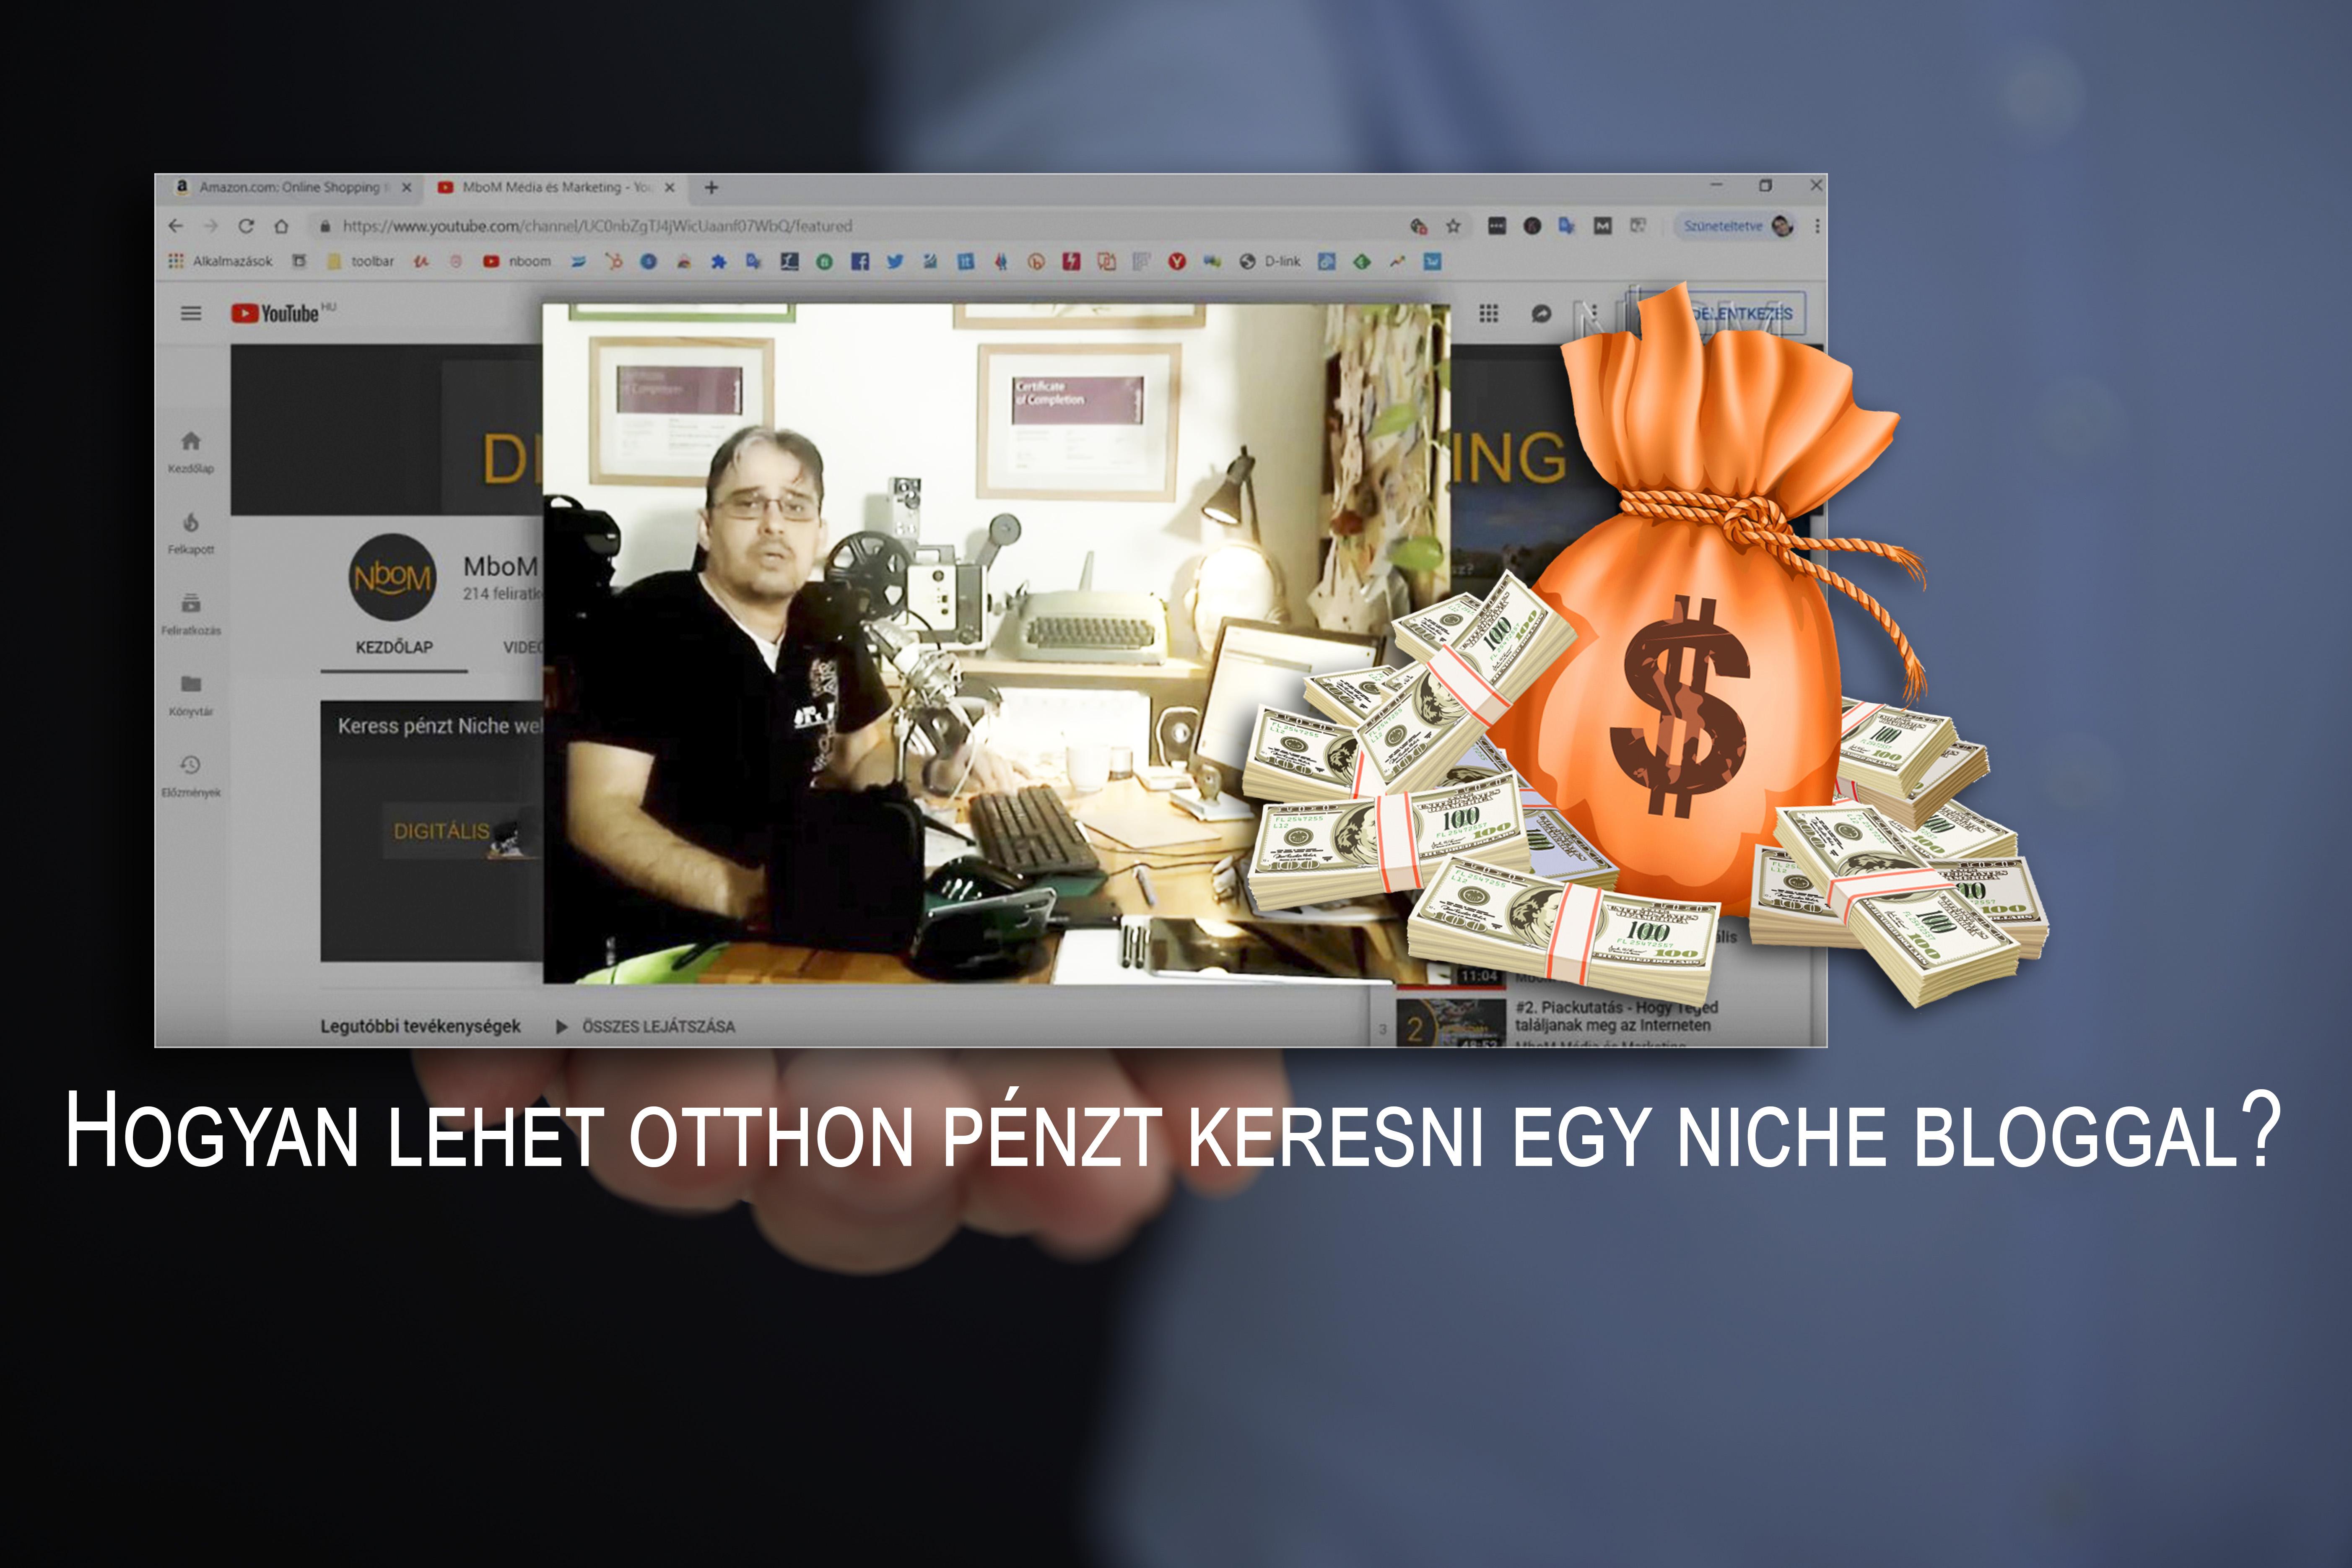 hogyan lehet valódi pénzt keresni onlne